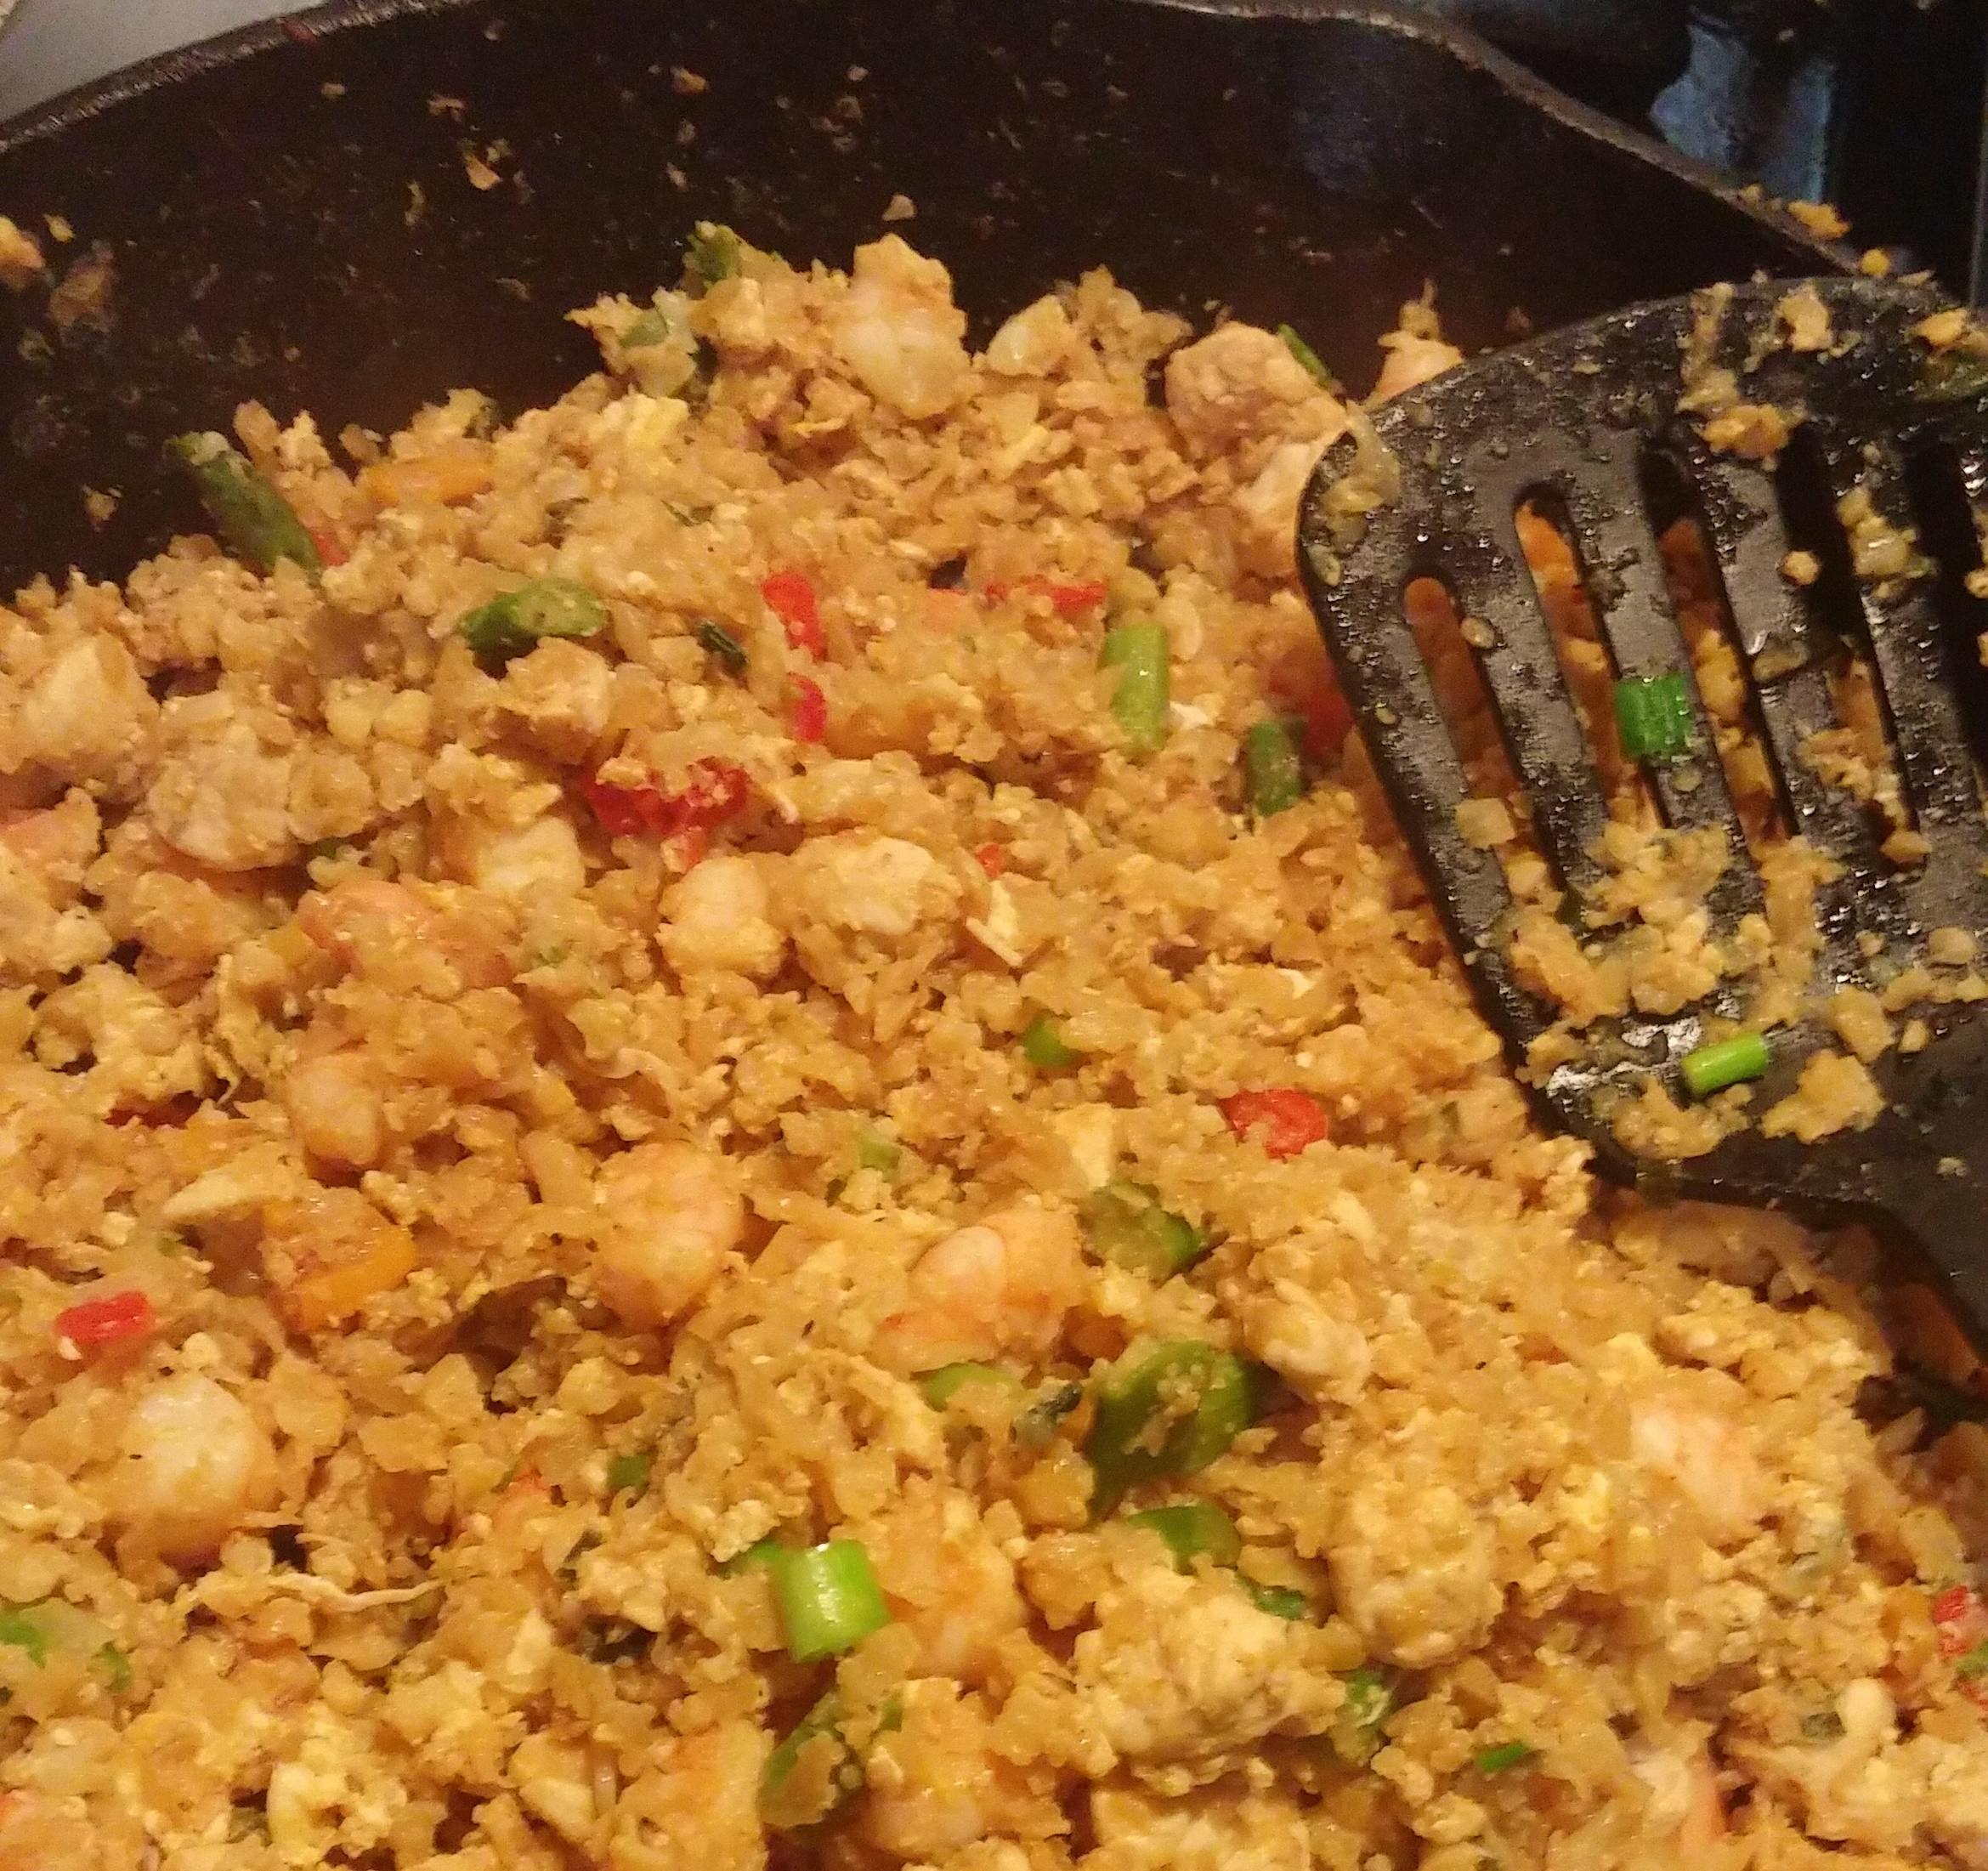 Cauliflower Rice Keto  Super Cauliflower istic Keto Fried Rice Recipe